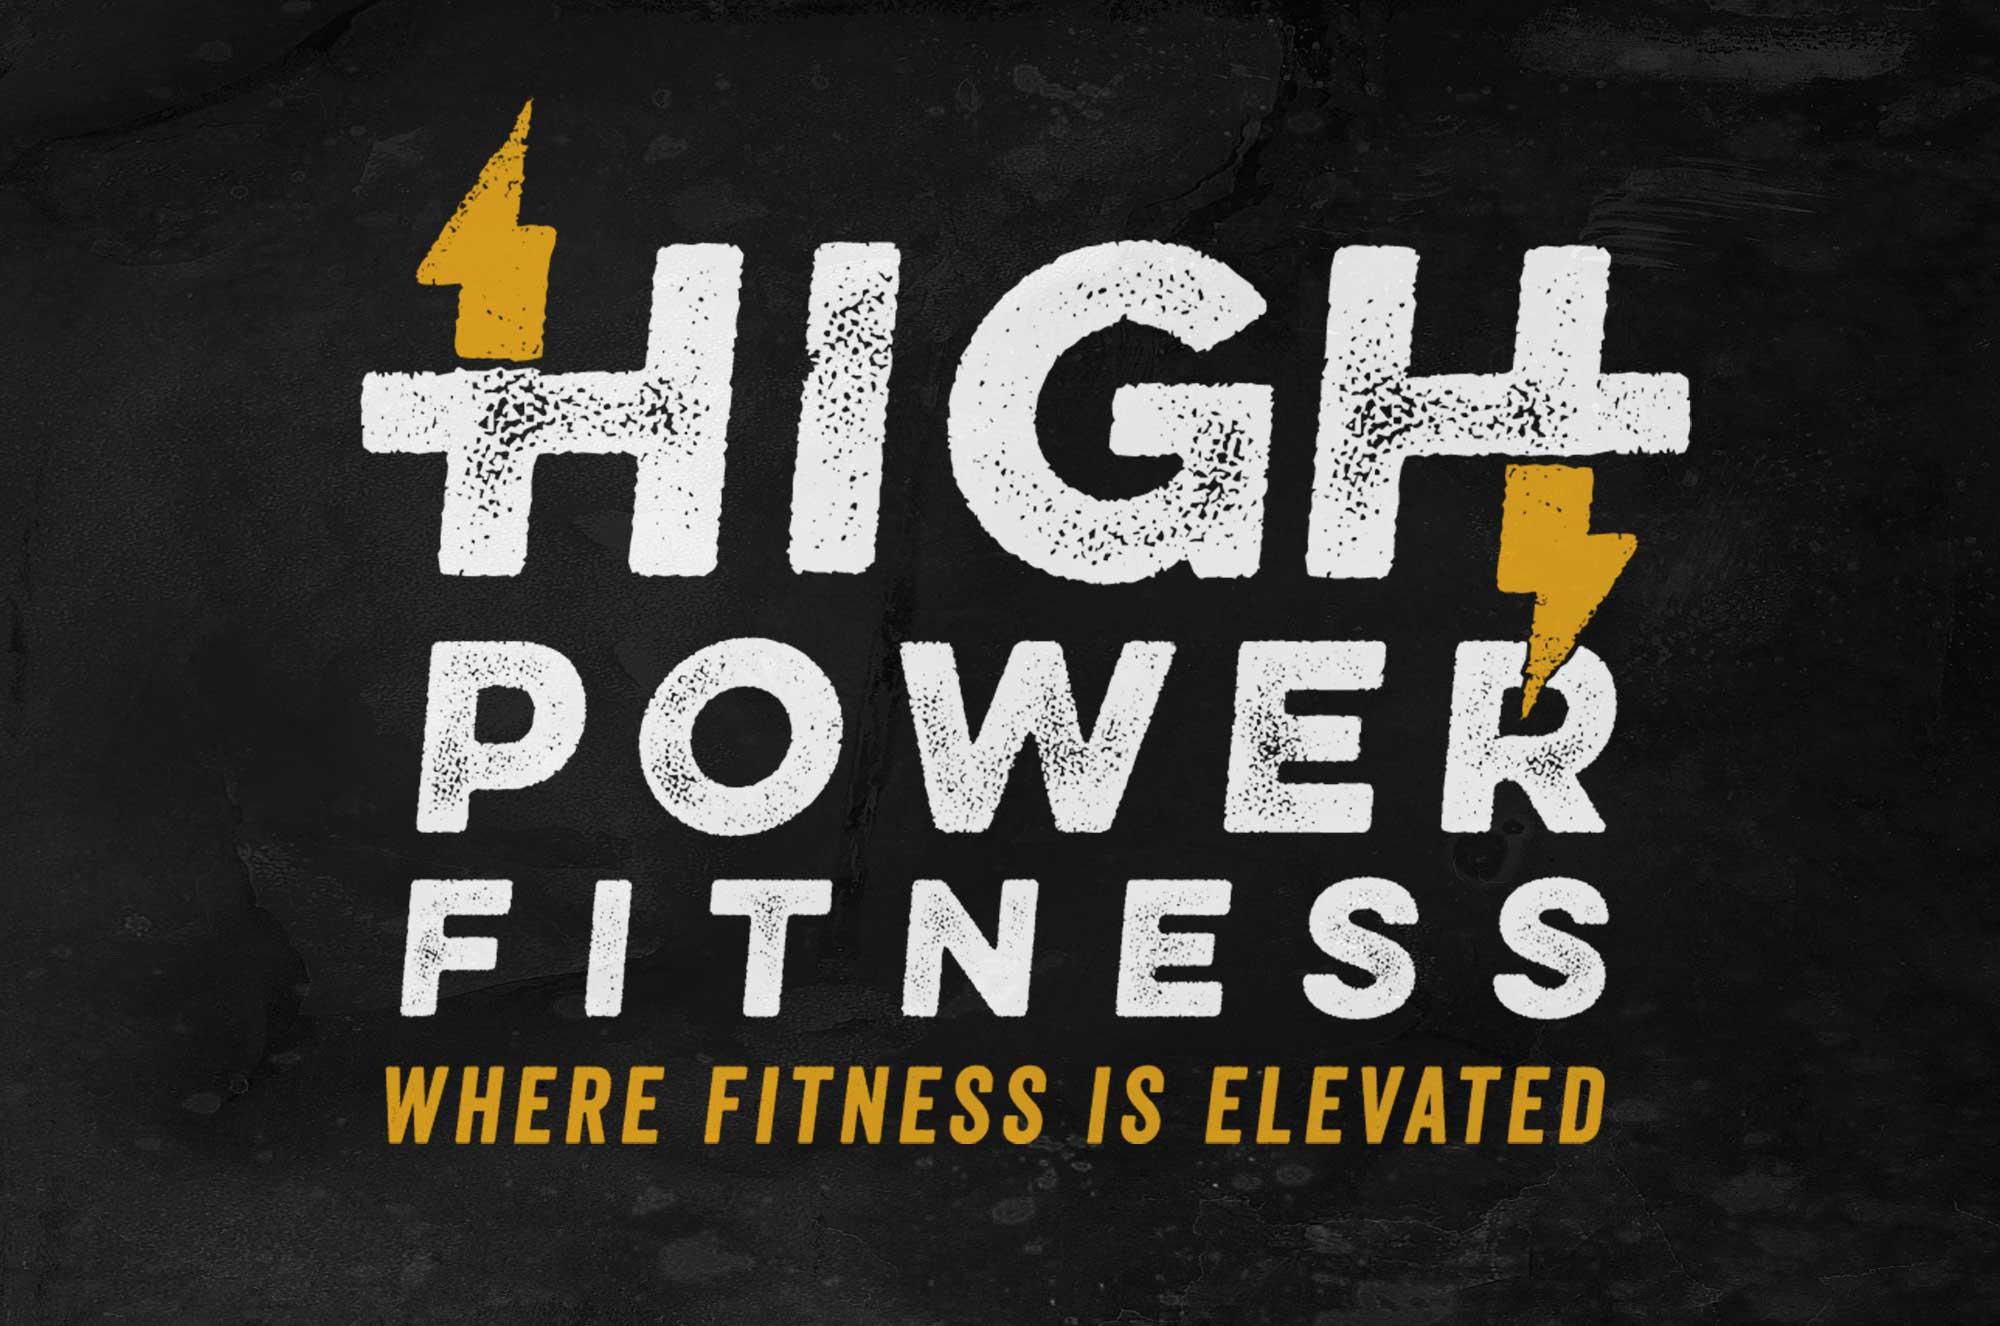 HighPowerFitness2.jpg